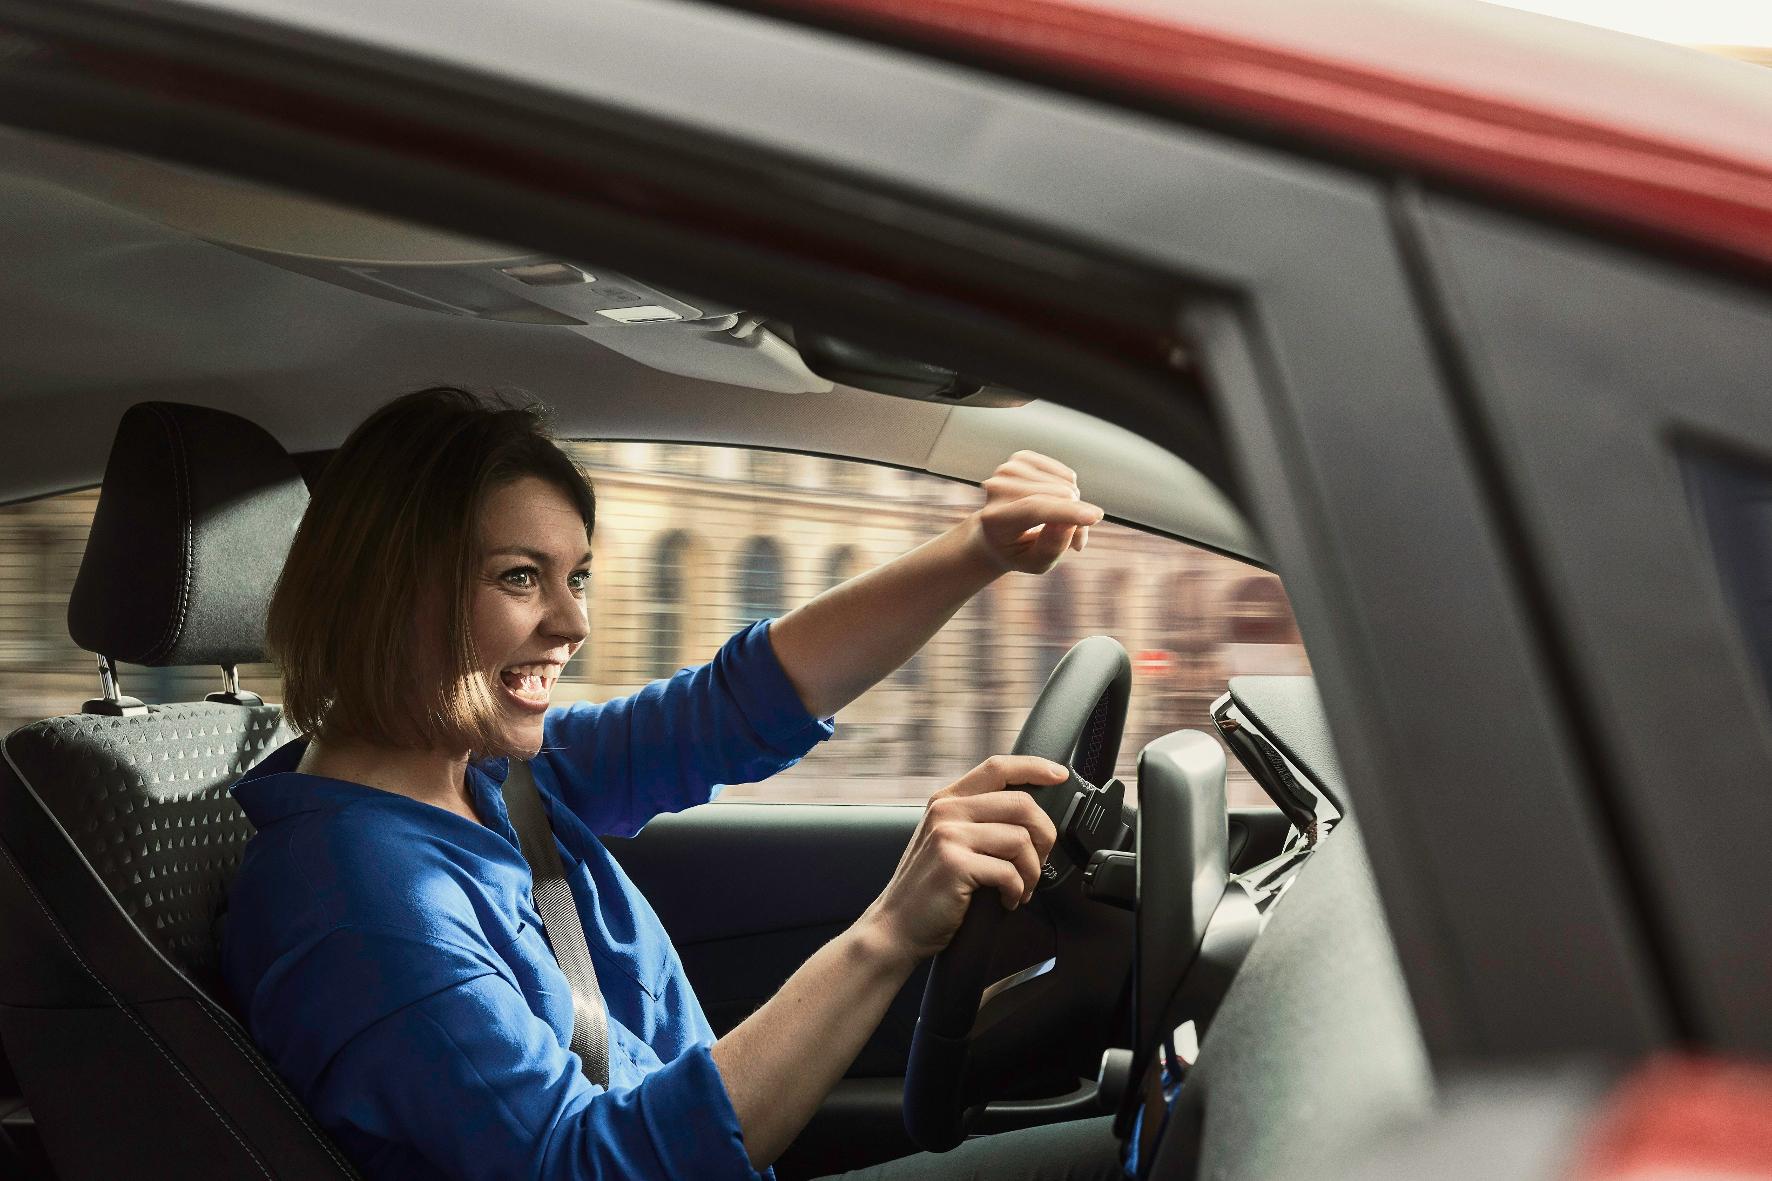 Psychologie: Wie Musikhören das Autofahren beeinflusst